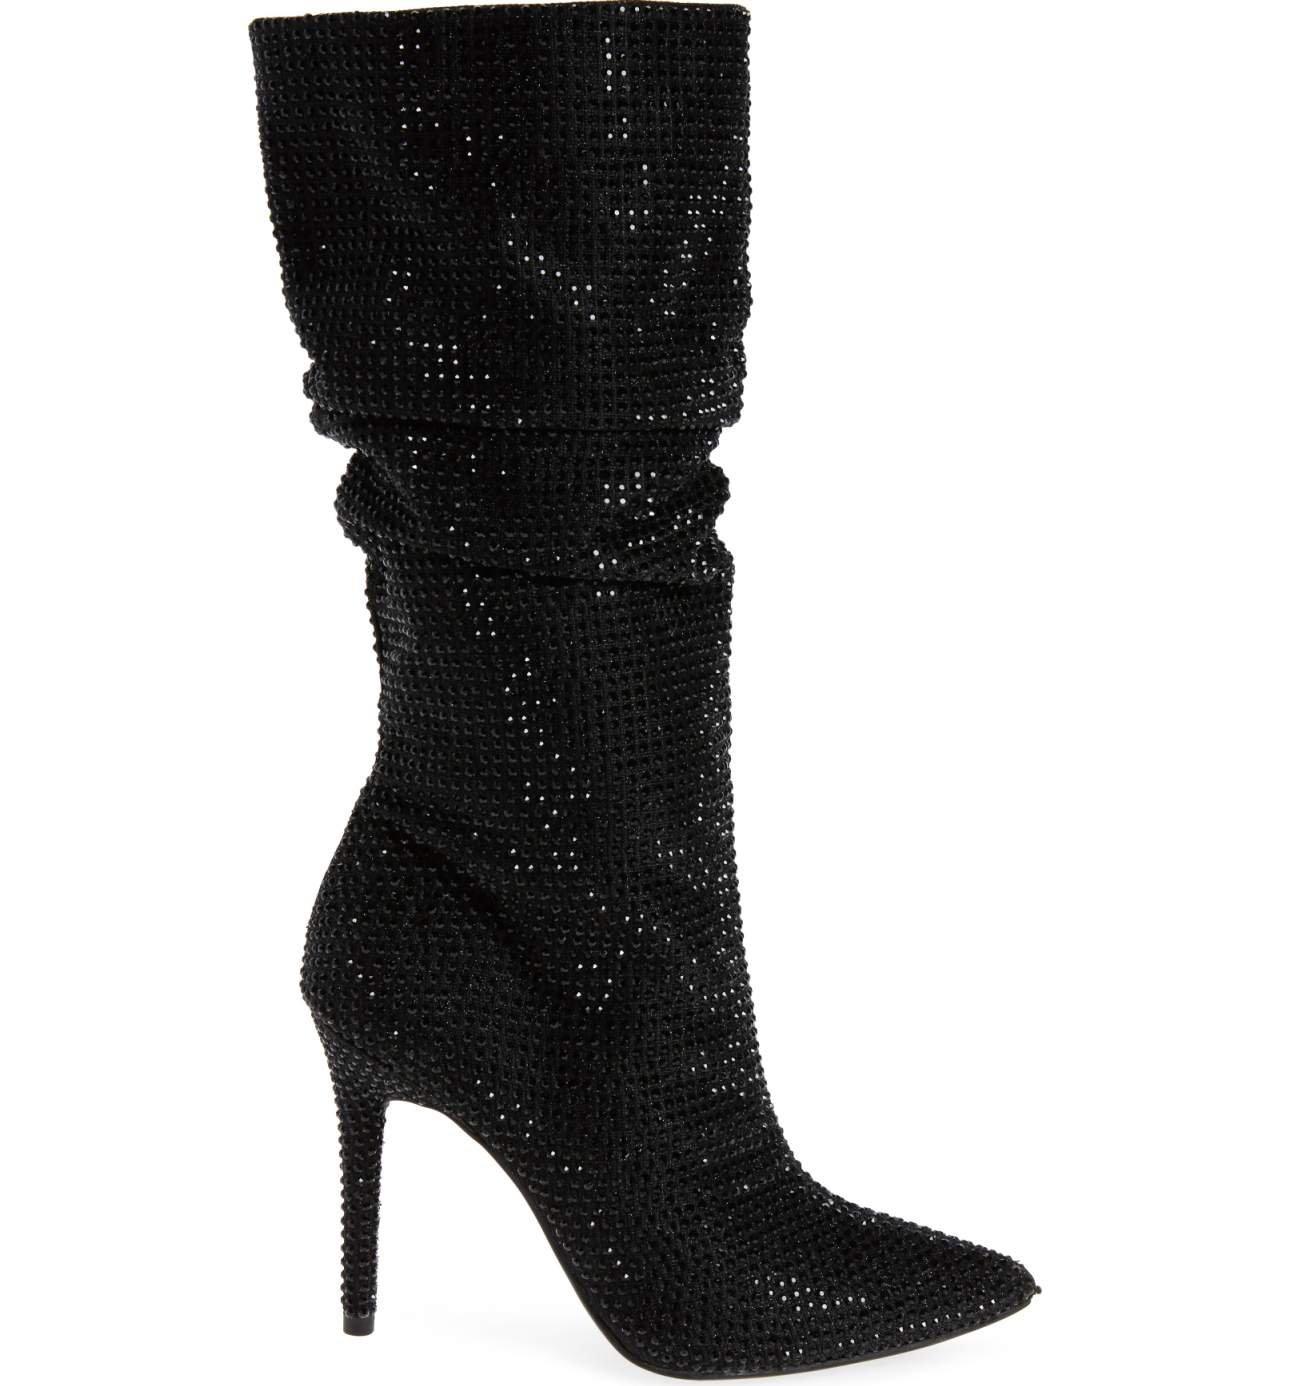 Jessica Simpson Women's Layzer B072YDXDYH 7.5 M US Black